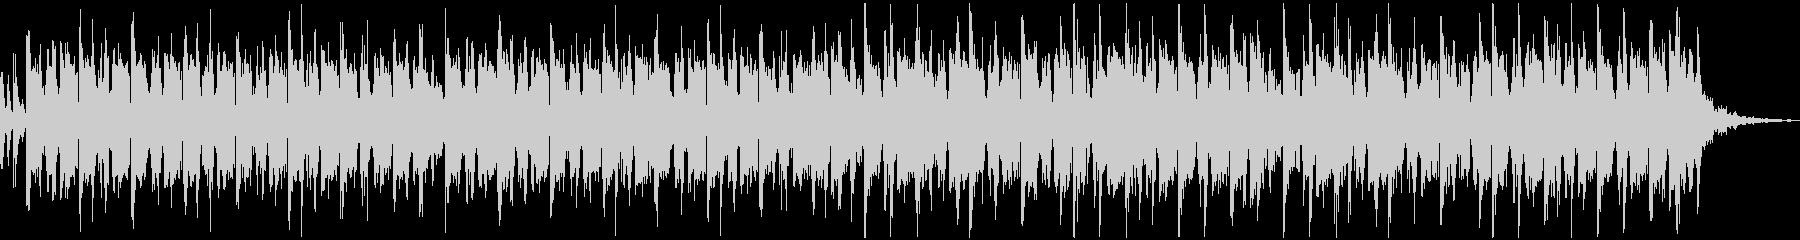 ペット、幼児、ほのぼのカワイイ系BGMの未再生の波形